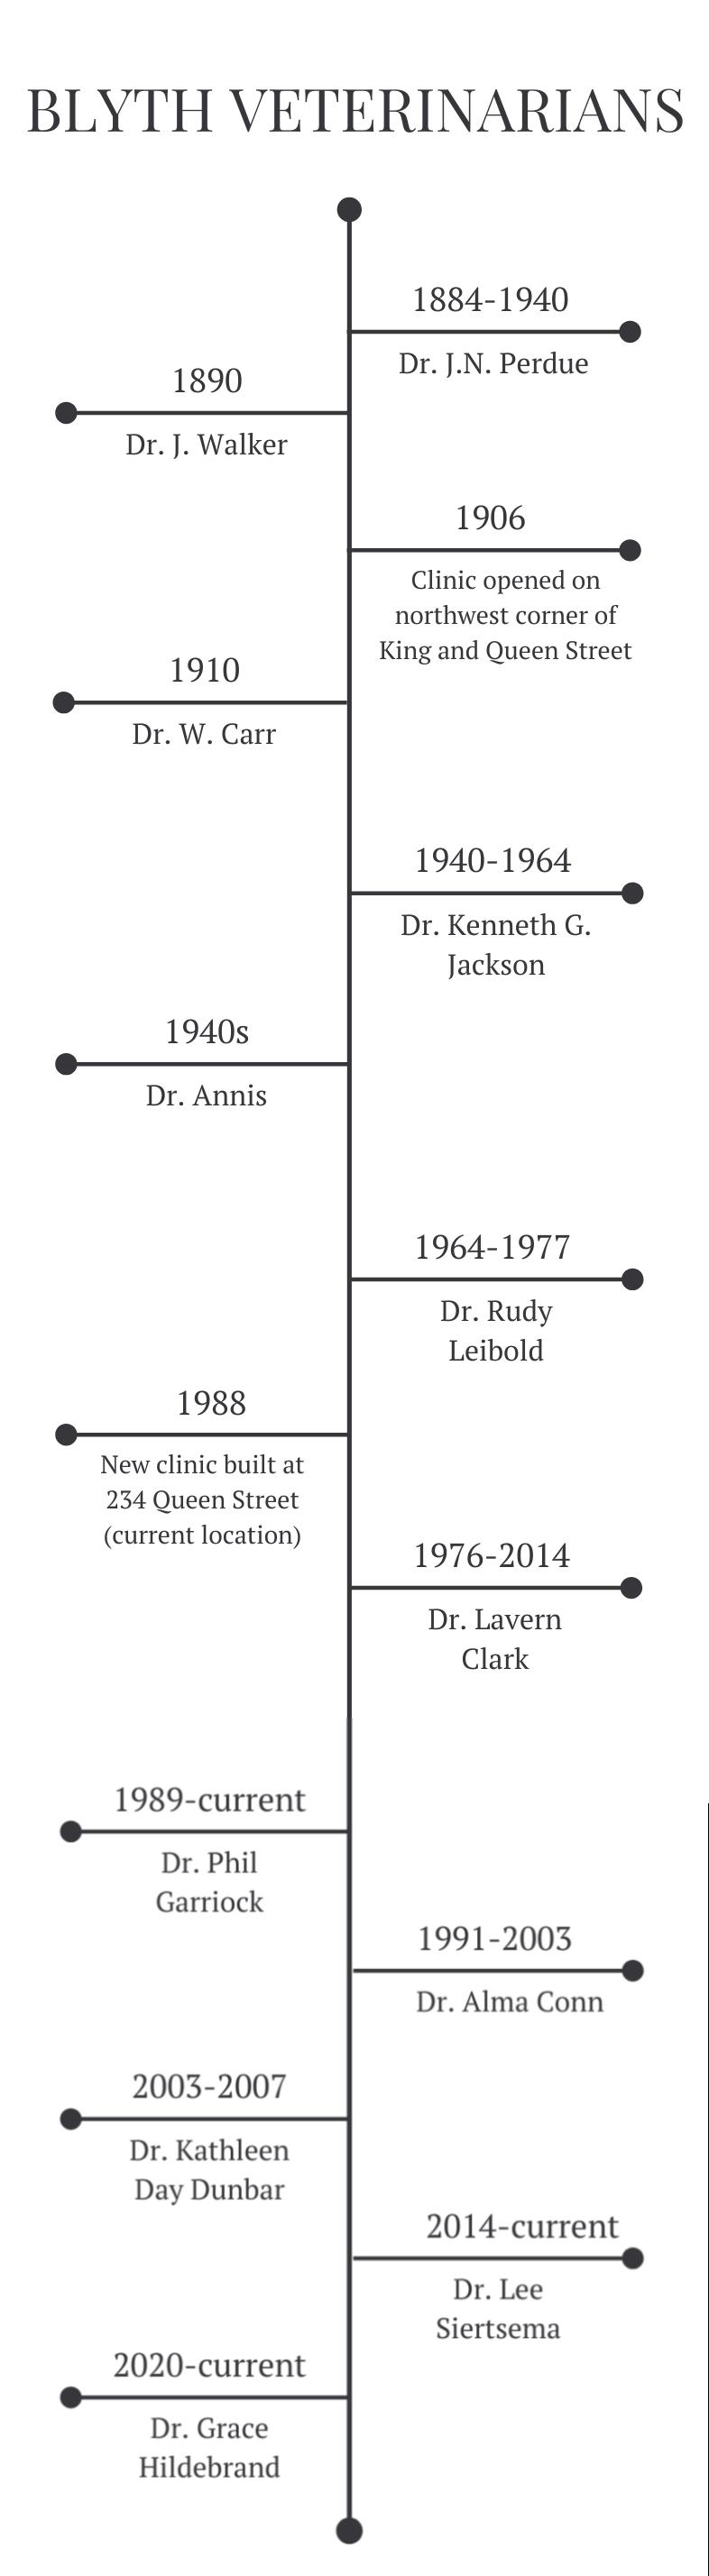 Blyth Veterinarians Timeline